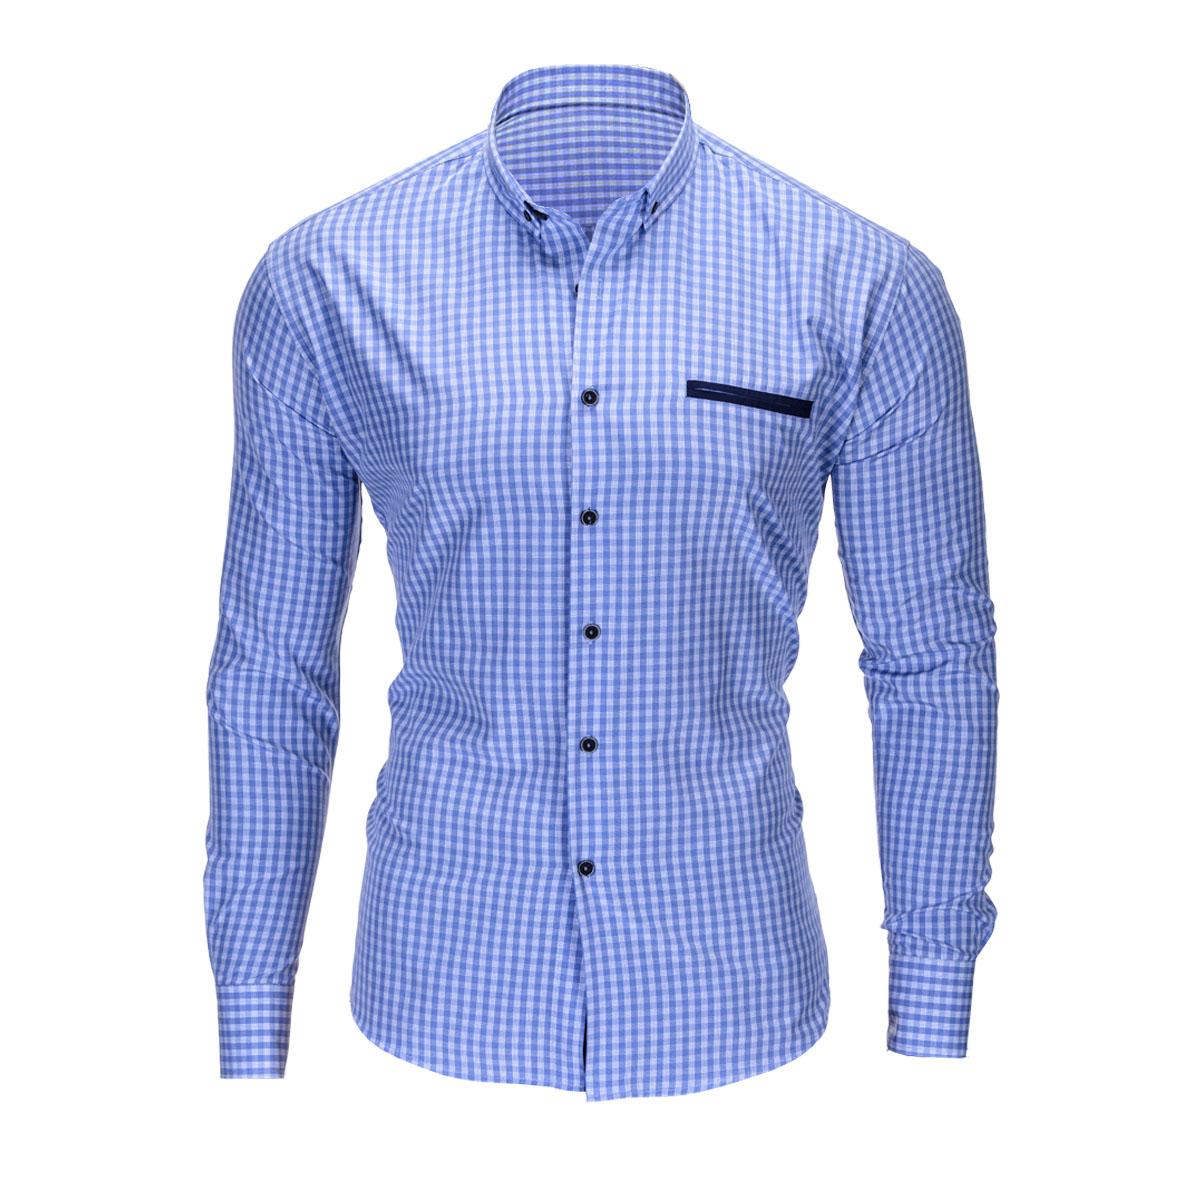 Pánská košile Trent světle modrá